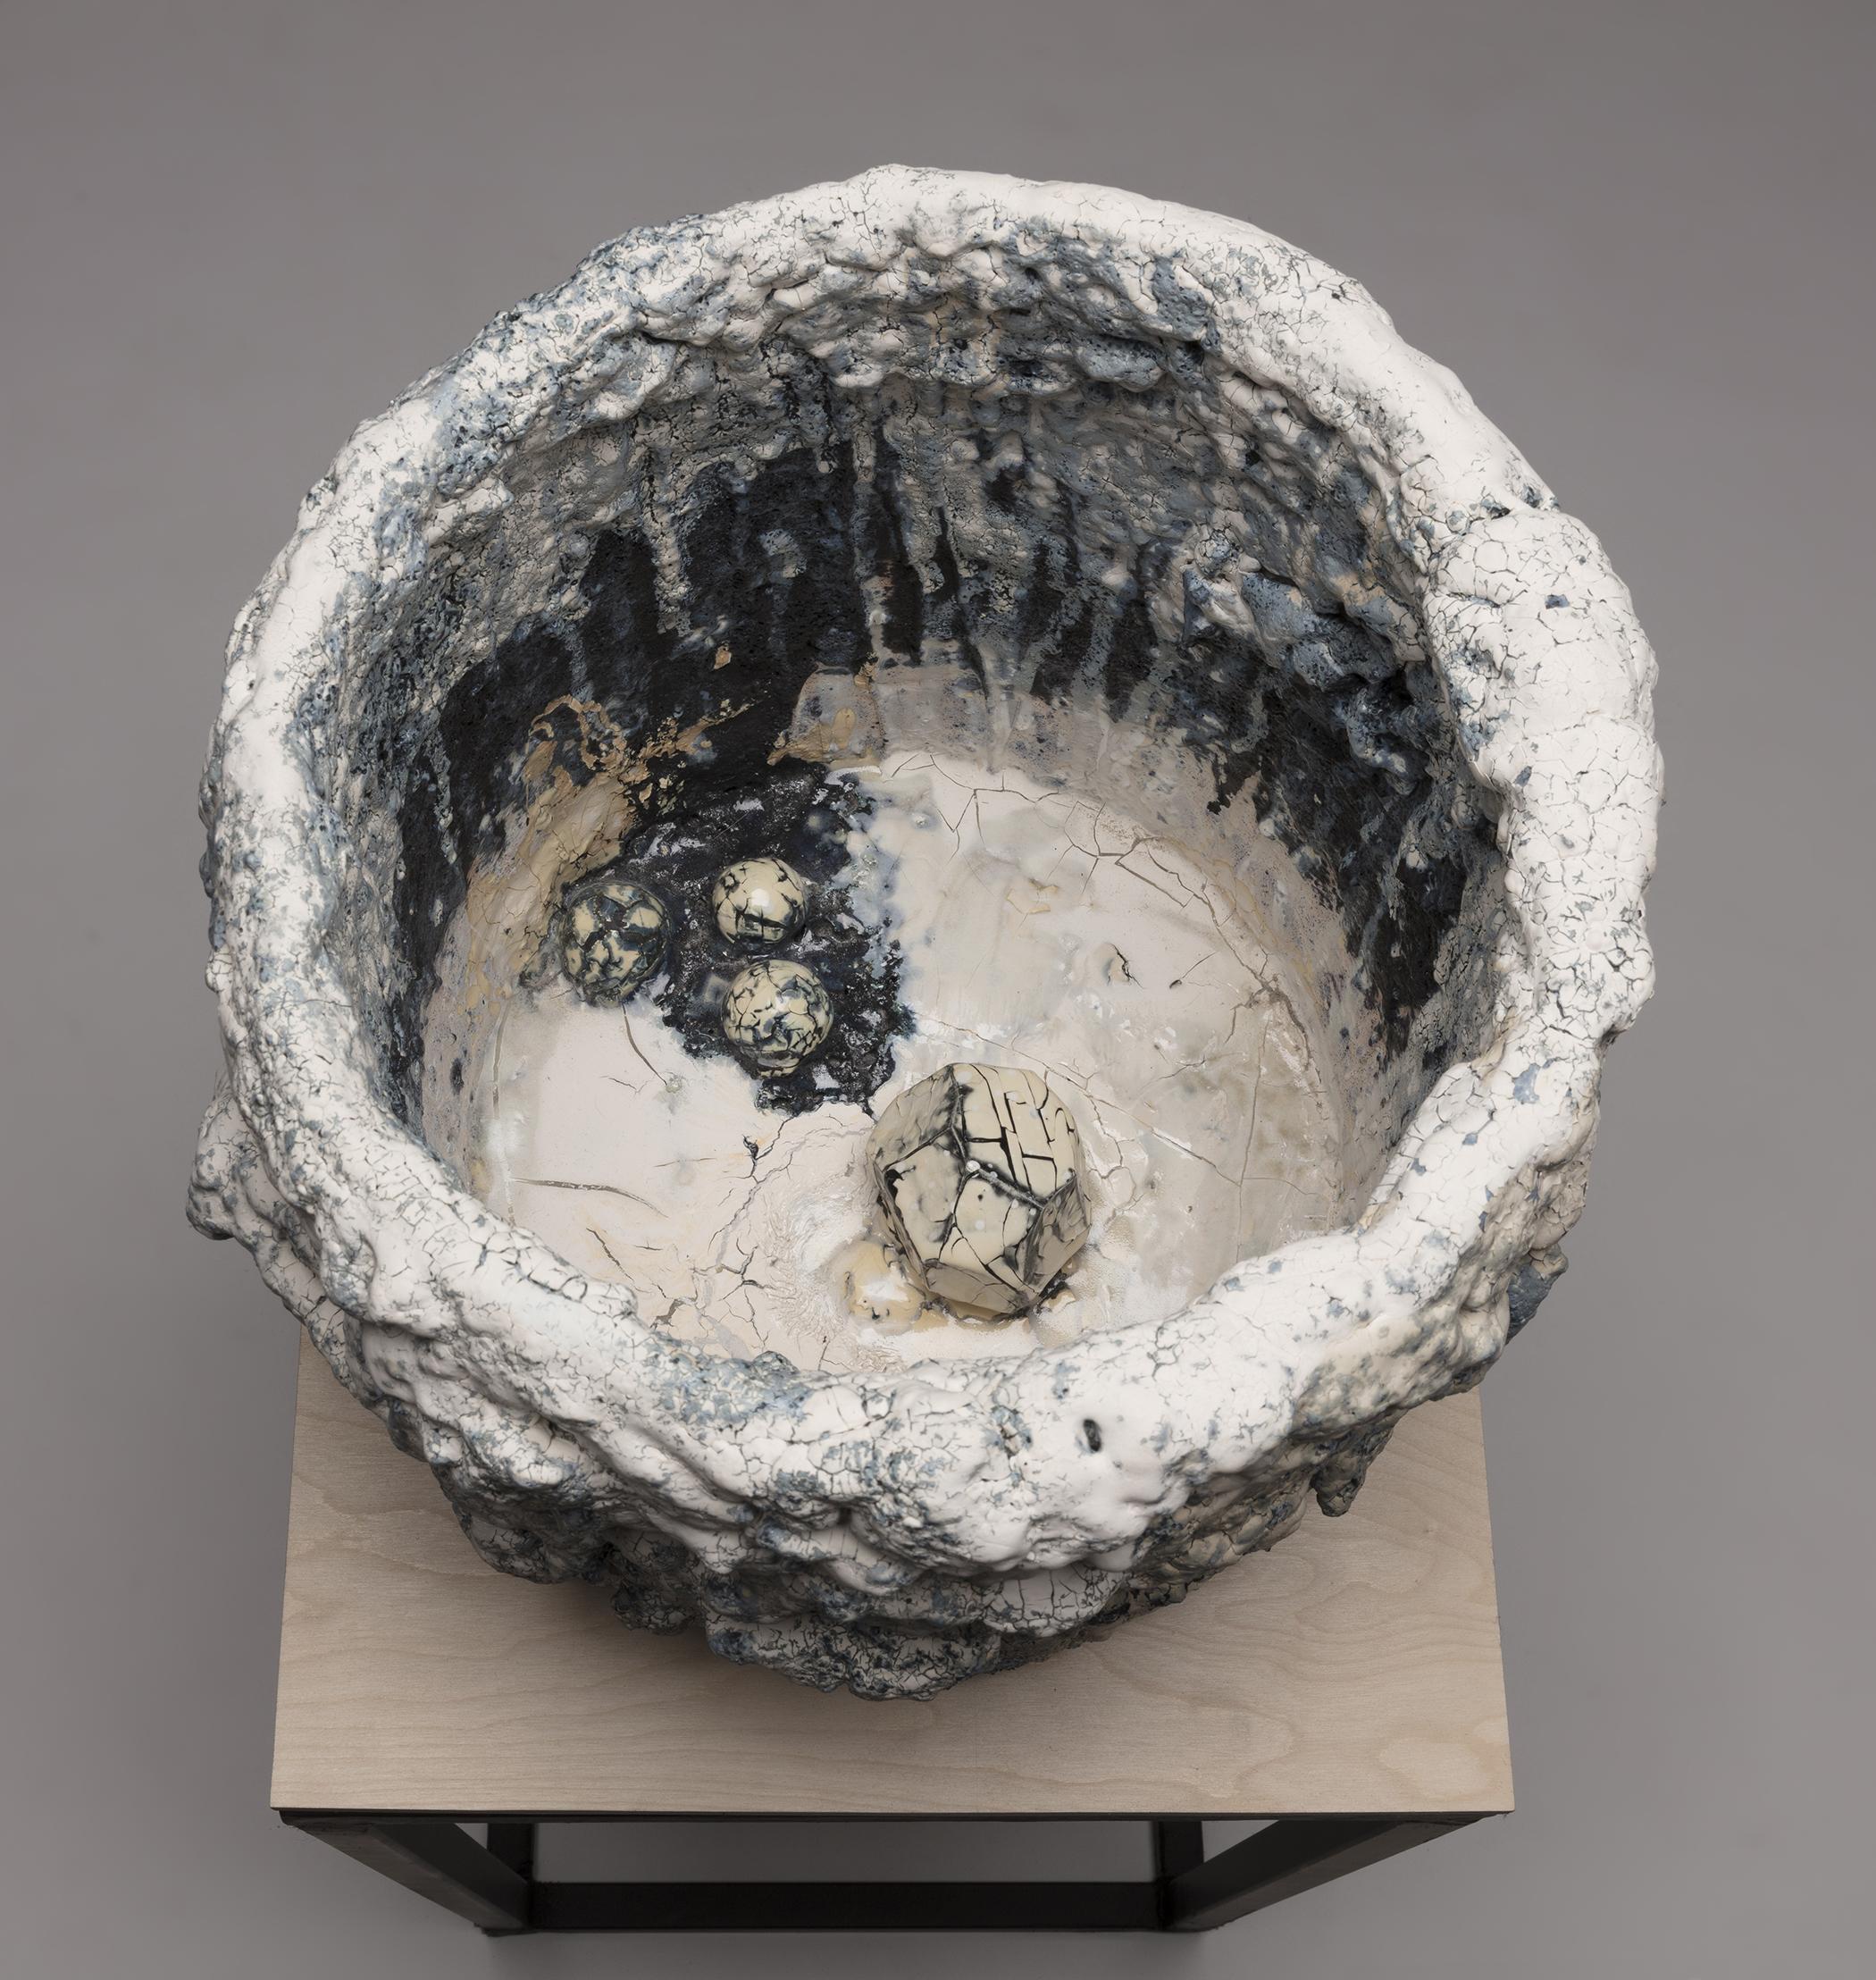 Tony Marsh. <em>Crucible Furiosa 1</em>, 2018. Ceramic, 14 x 17 x 17 inches (35.6 x 43.2 x 43.2 cm) Detail